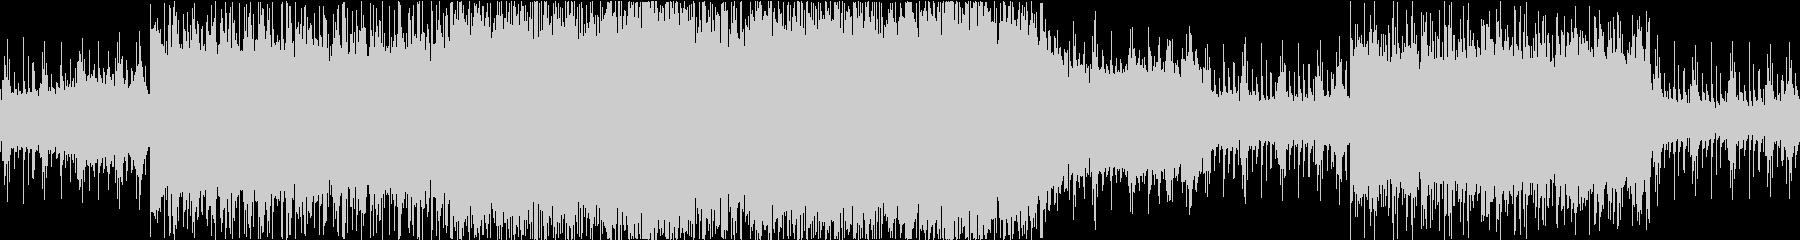 民族楽器/オリエンタル/EDM/ループの未再生の波形